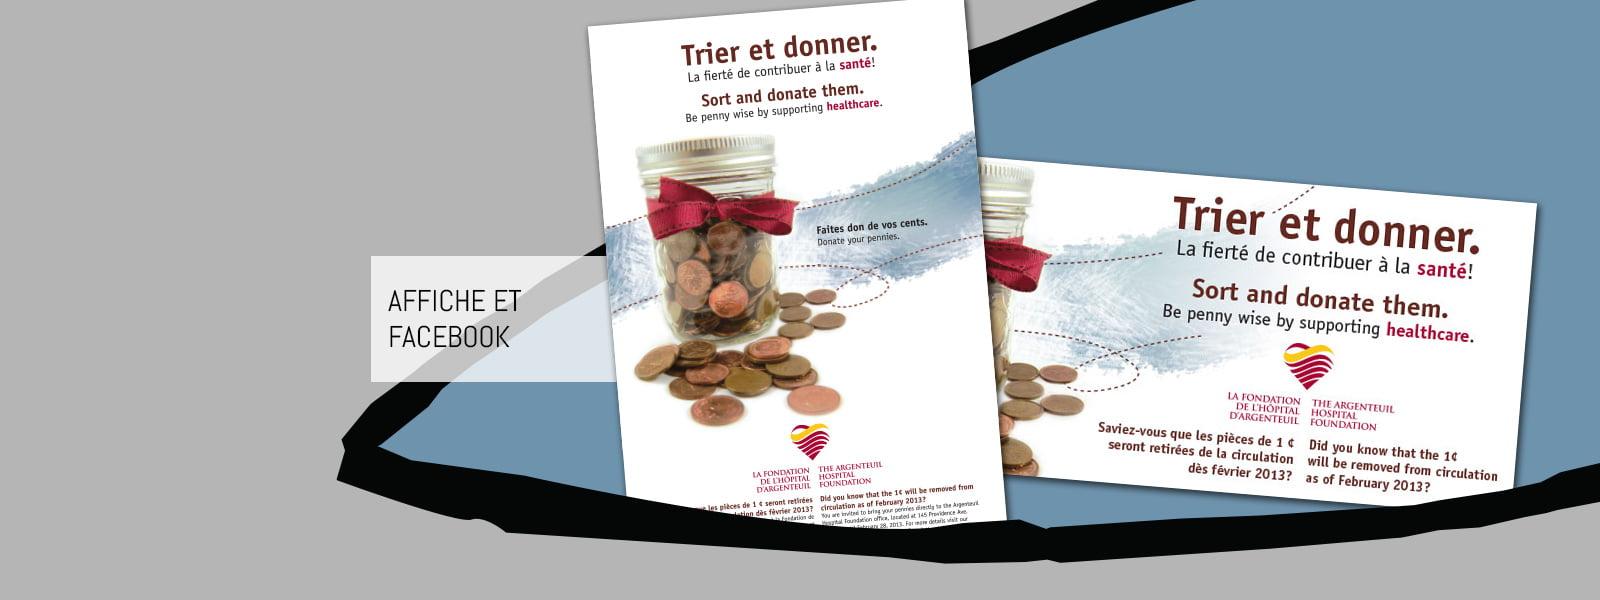 Fondation de l'Hôpital d'Argenteuil